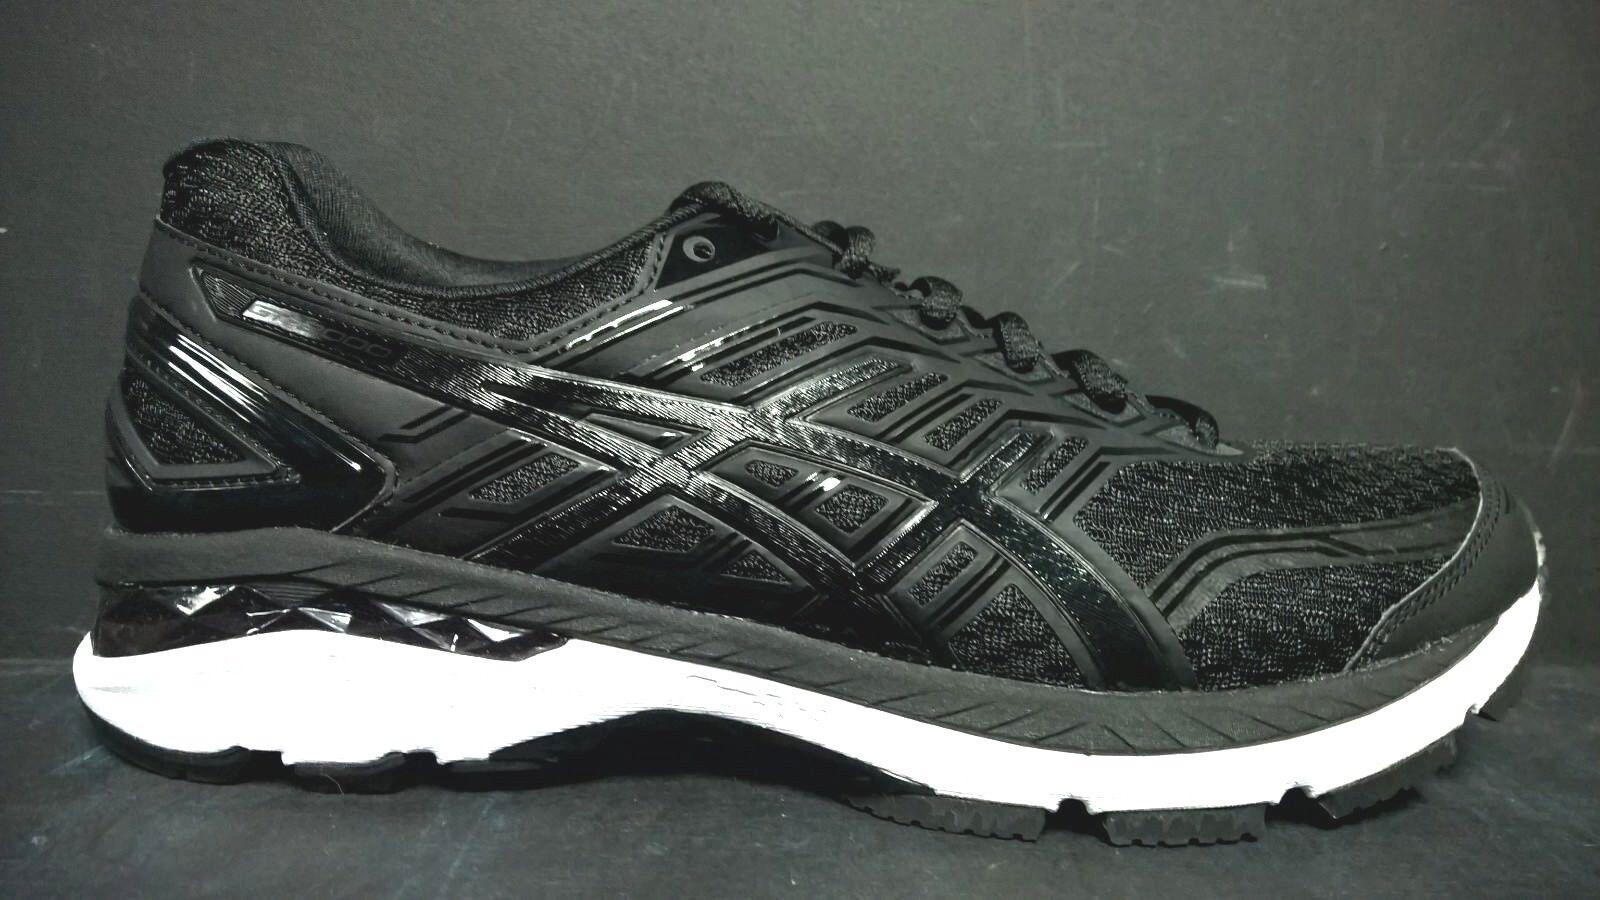 Asics Men's Size 8.5 T707N 9099 GT-2000 5 Running Shoes Black White